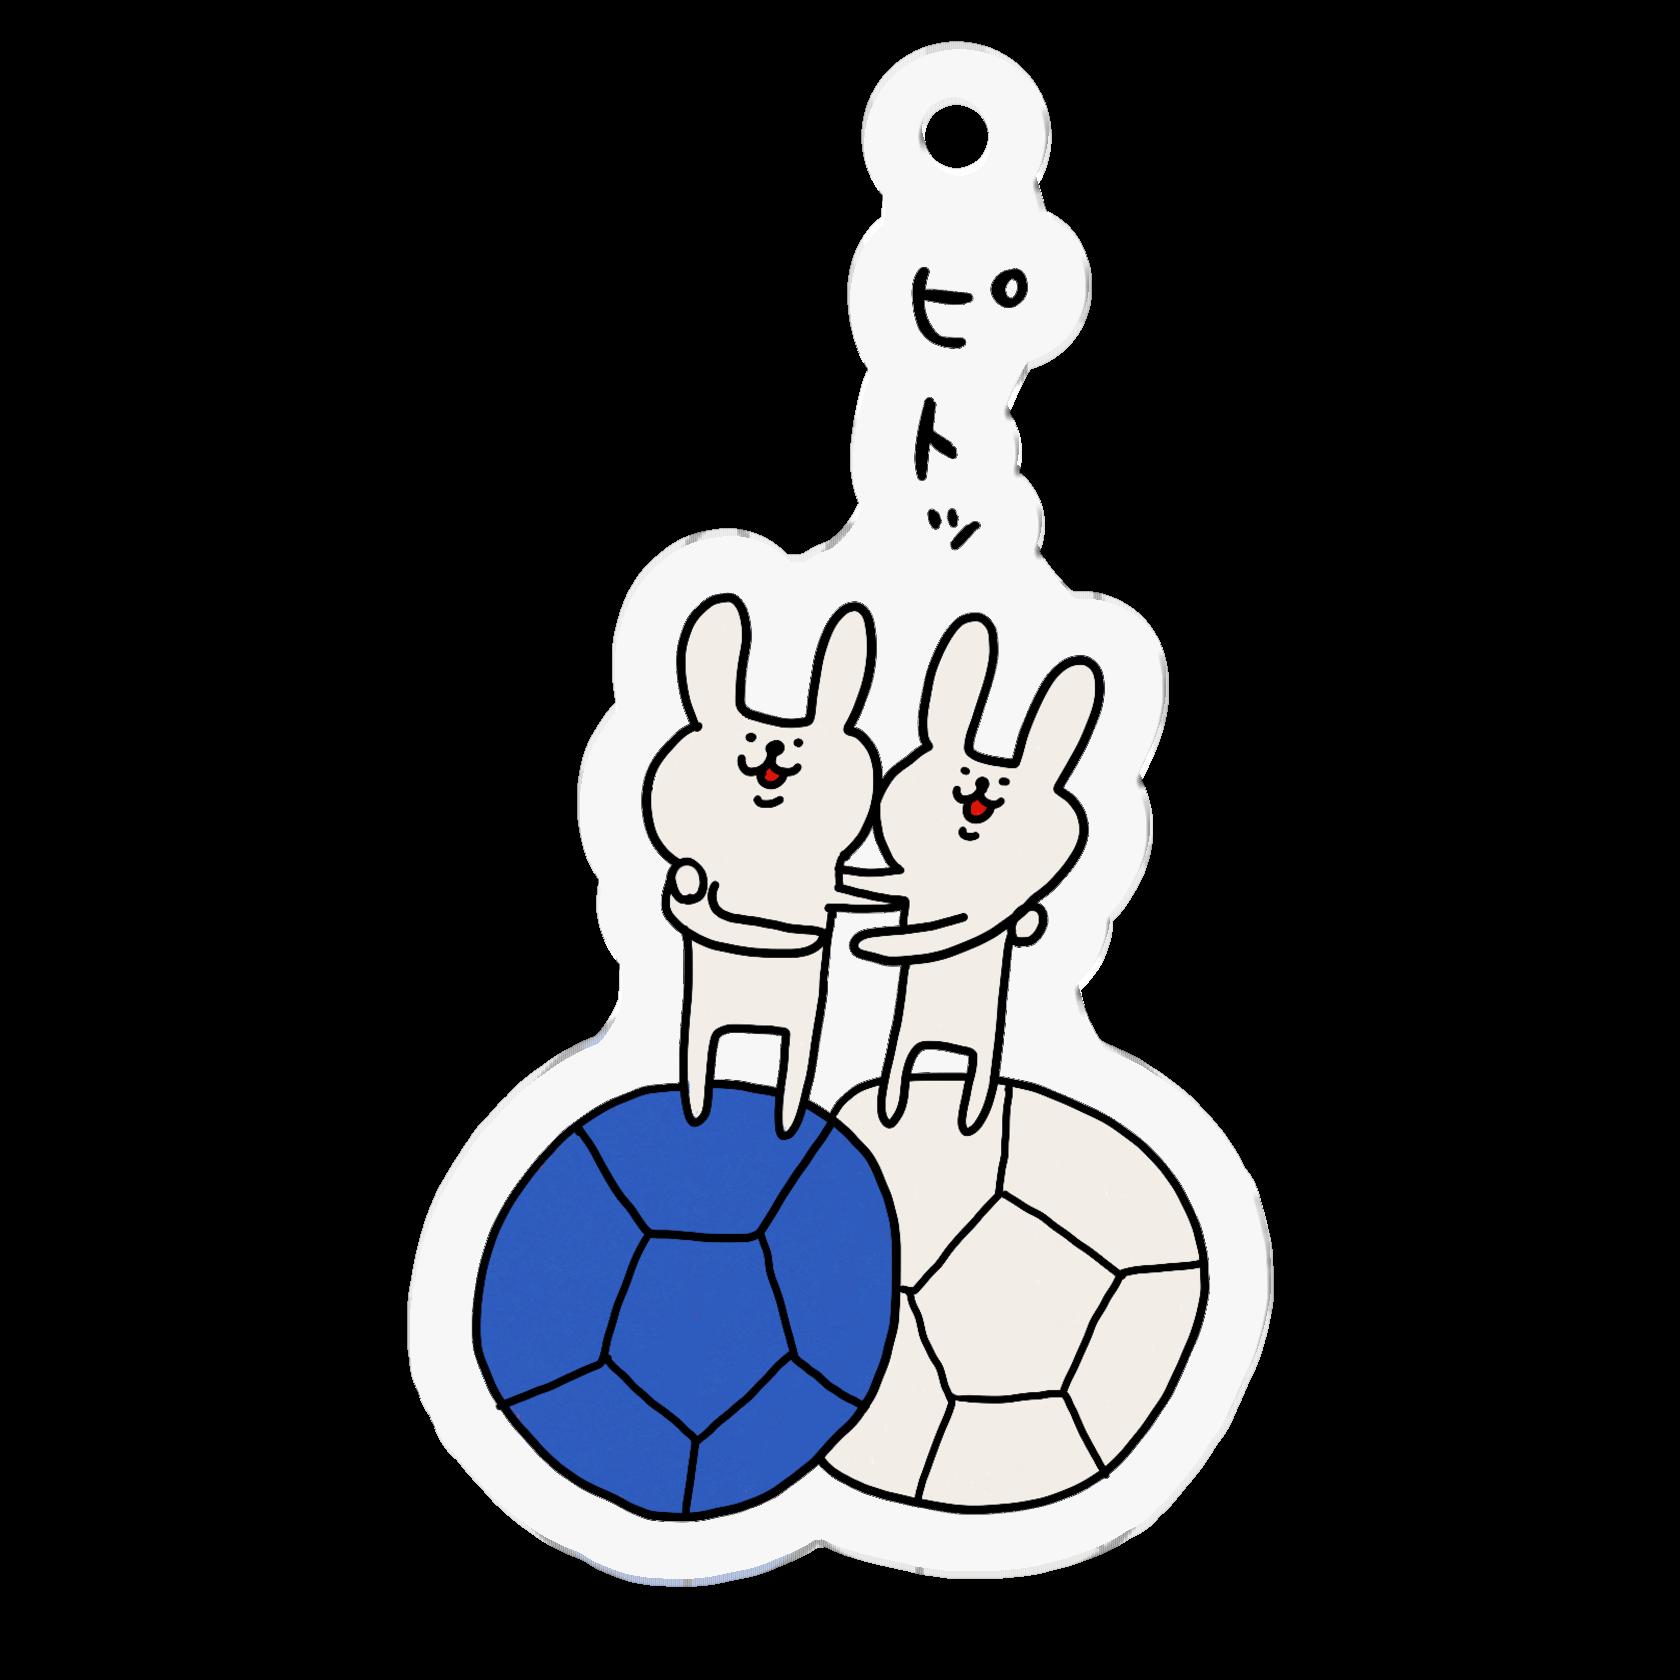 アクリルキーホルダー|ピトッ(青)